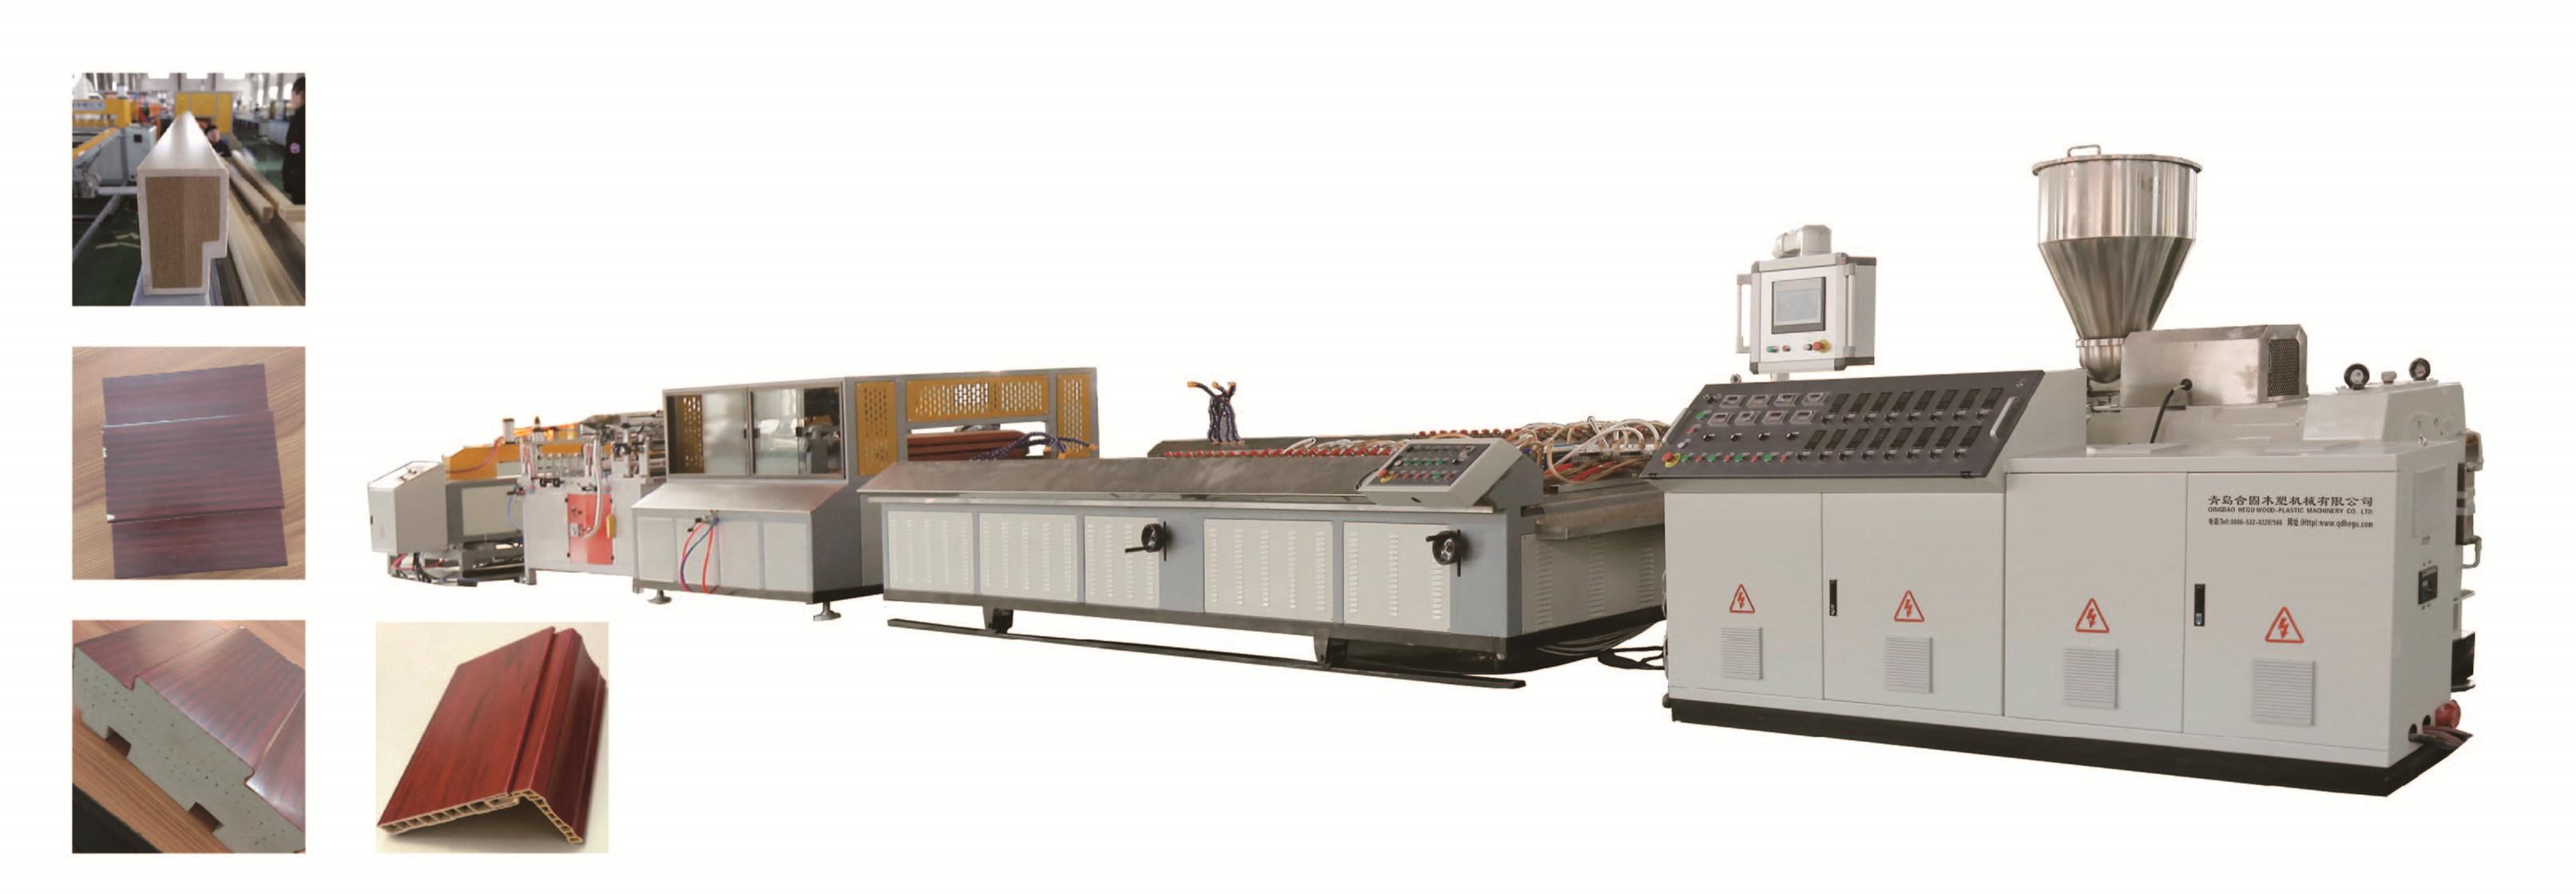 PVC/WPC profile production line